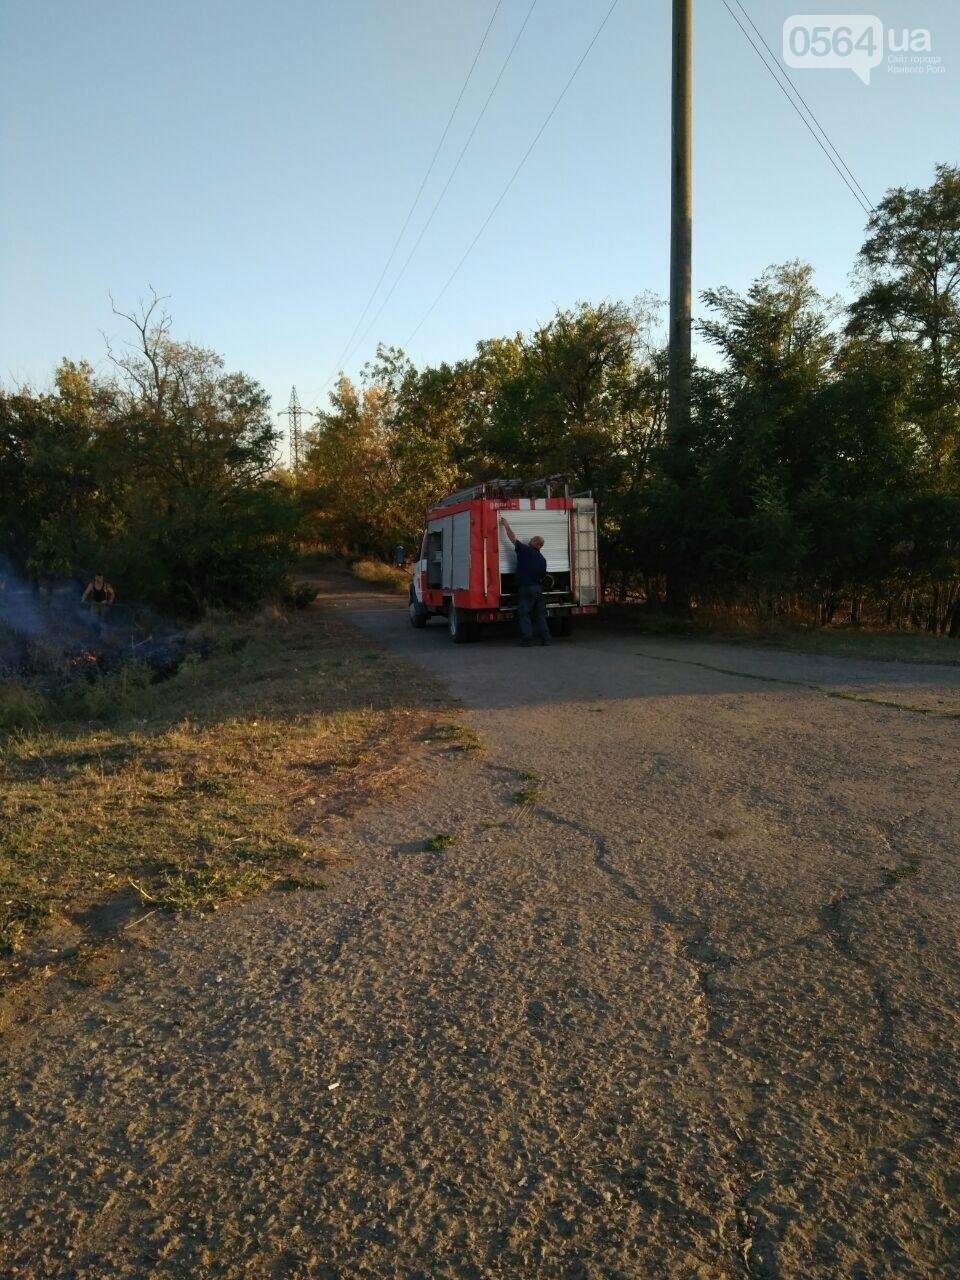 В Криворожском районе загорелась лесопосадка возле железной дороги, - ФОТО , фото-7